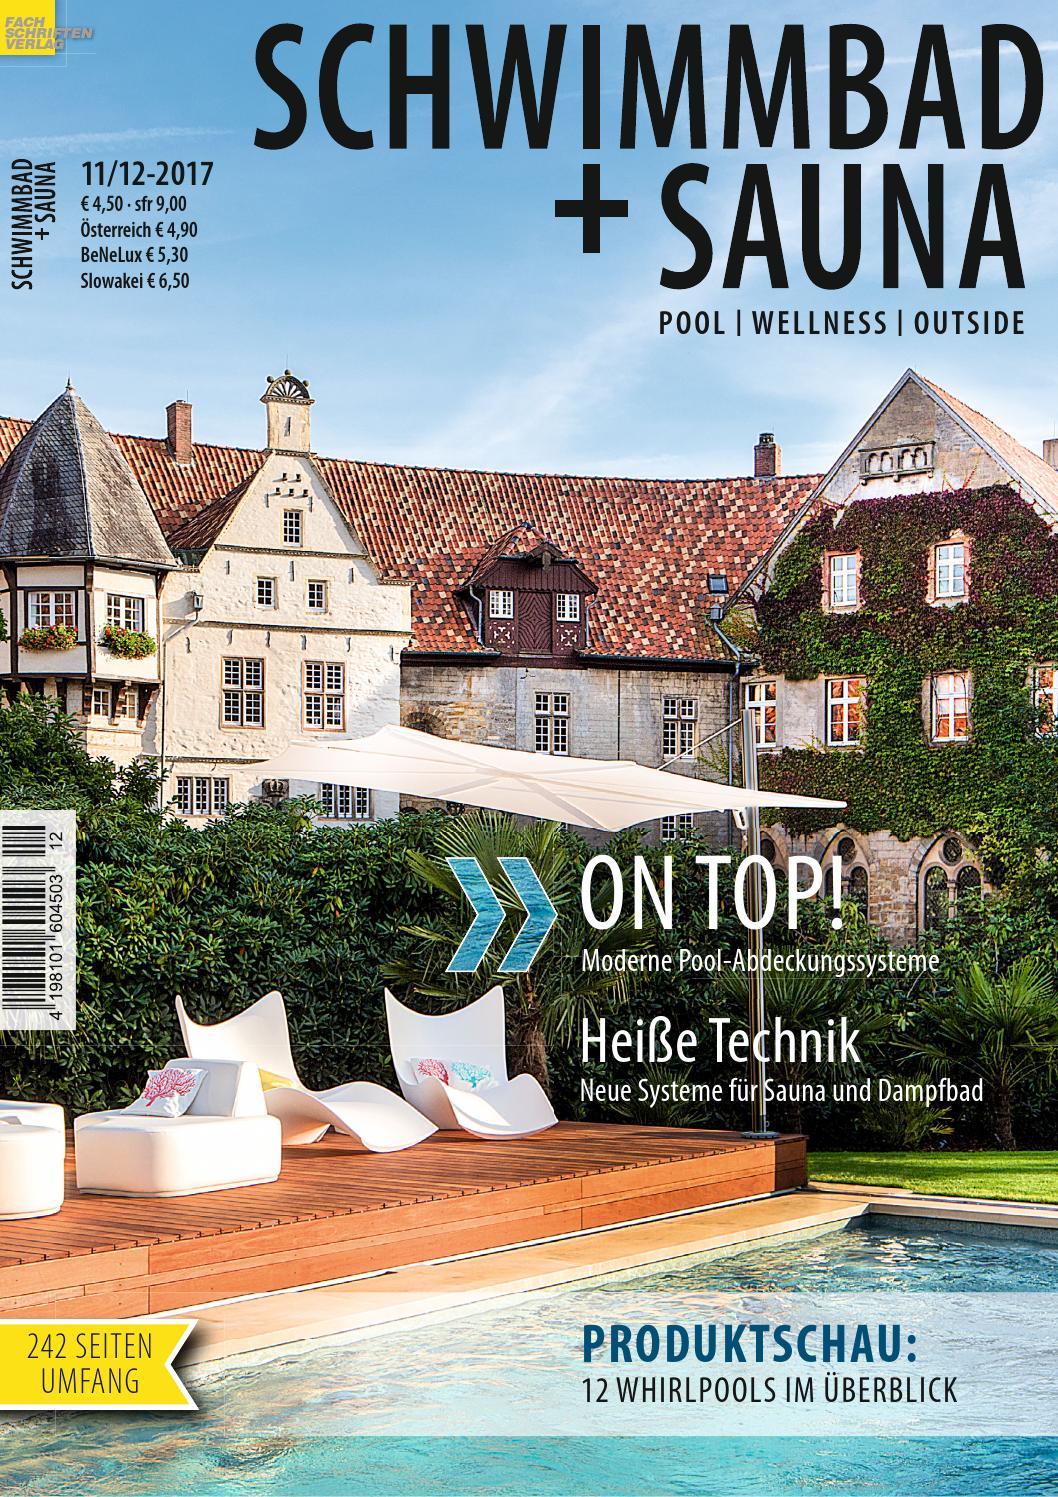 Schwimmbad+Sauna 11-12/2017 by Fachschriften Verlag - issuu